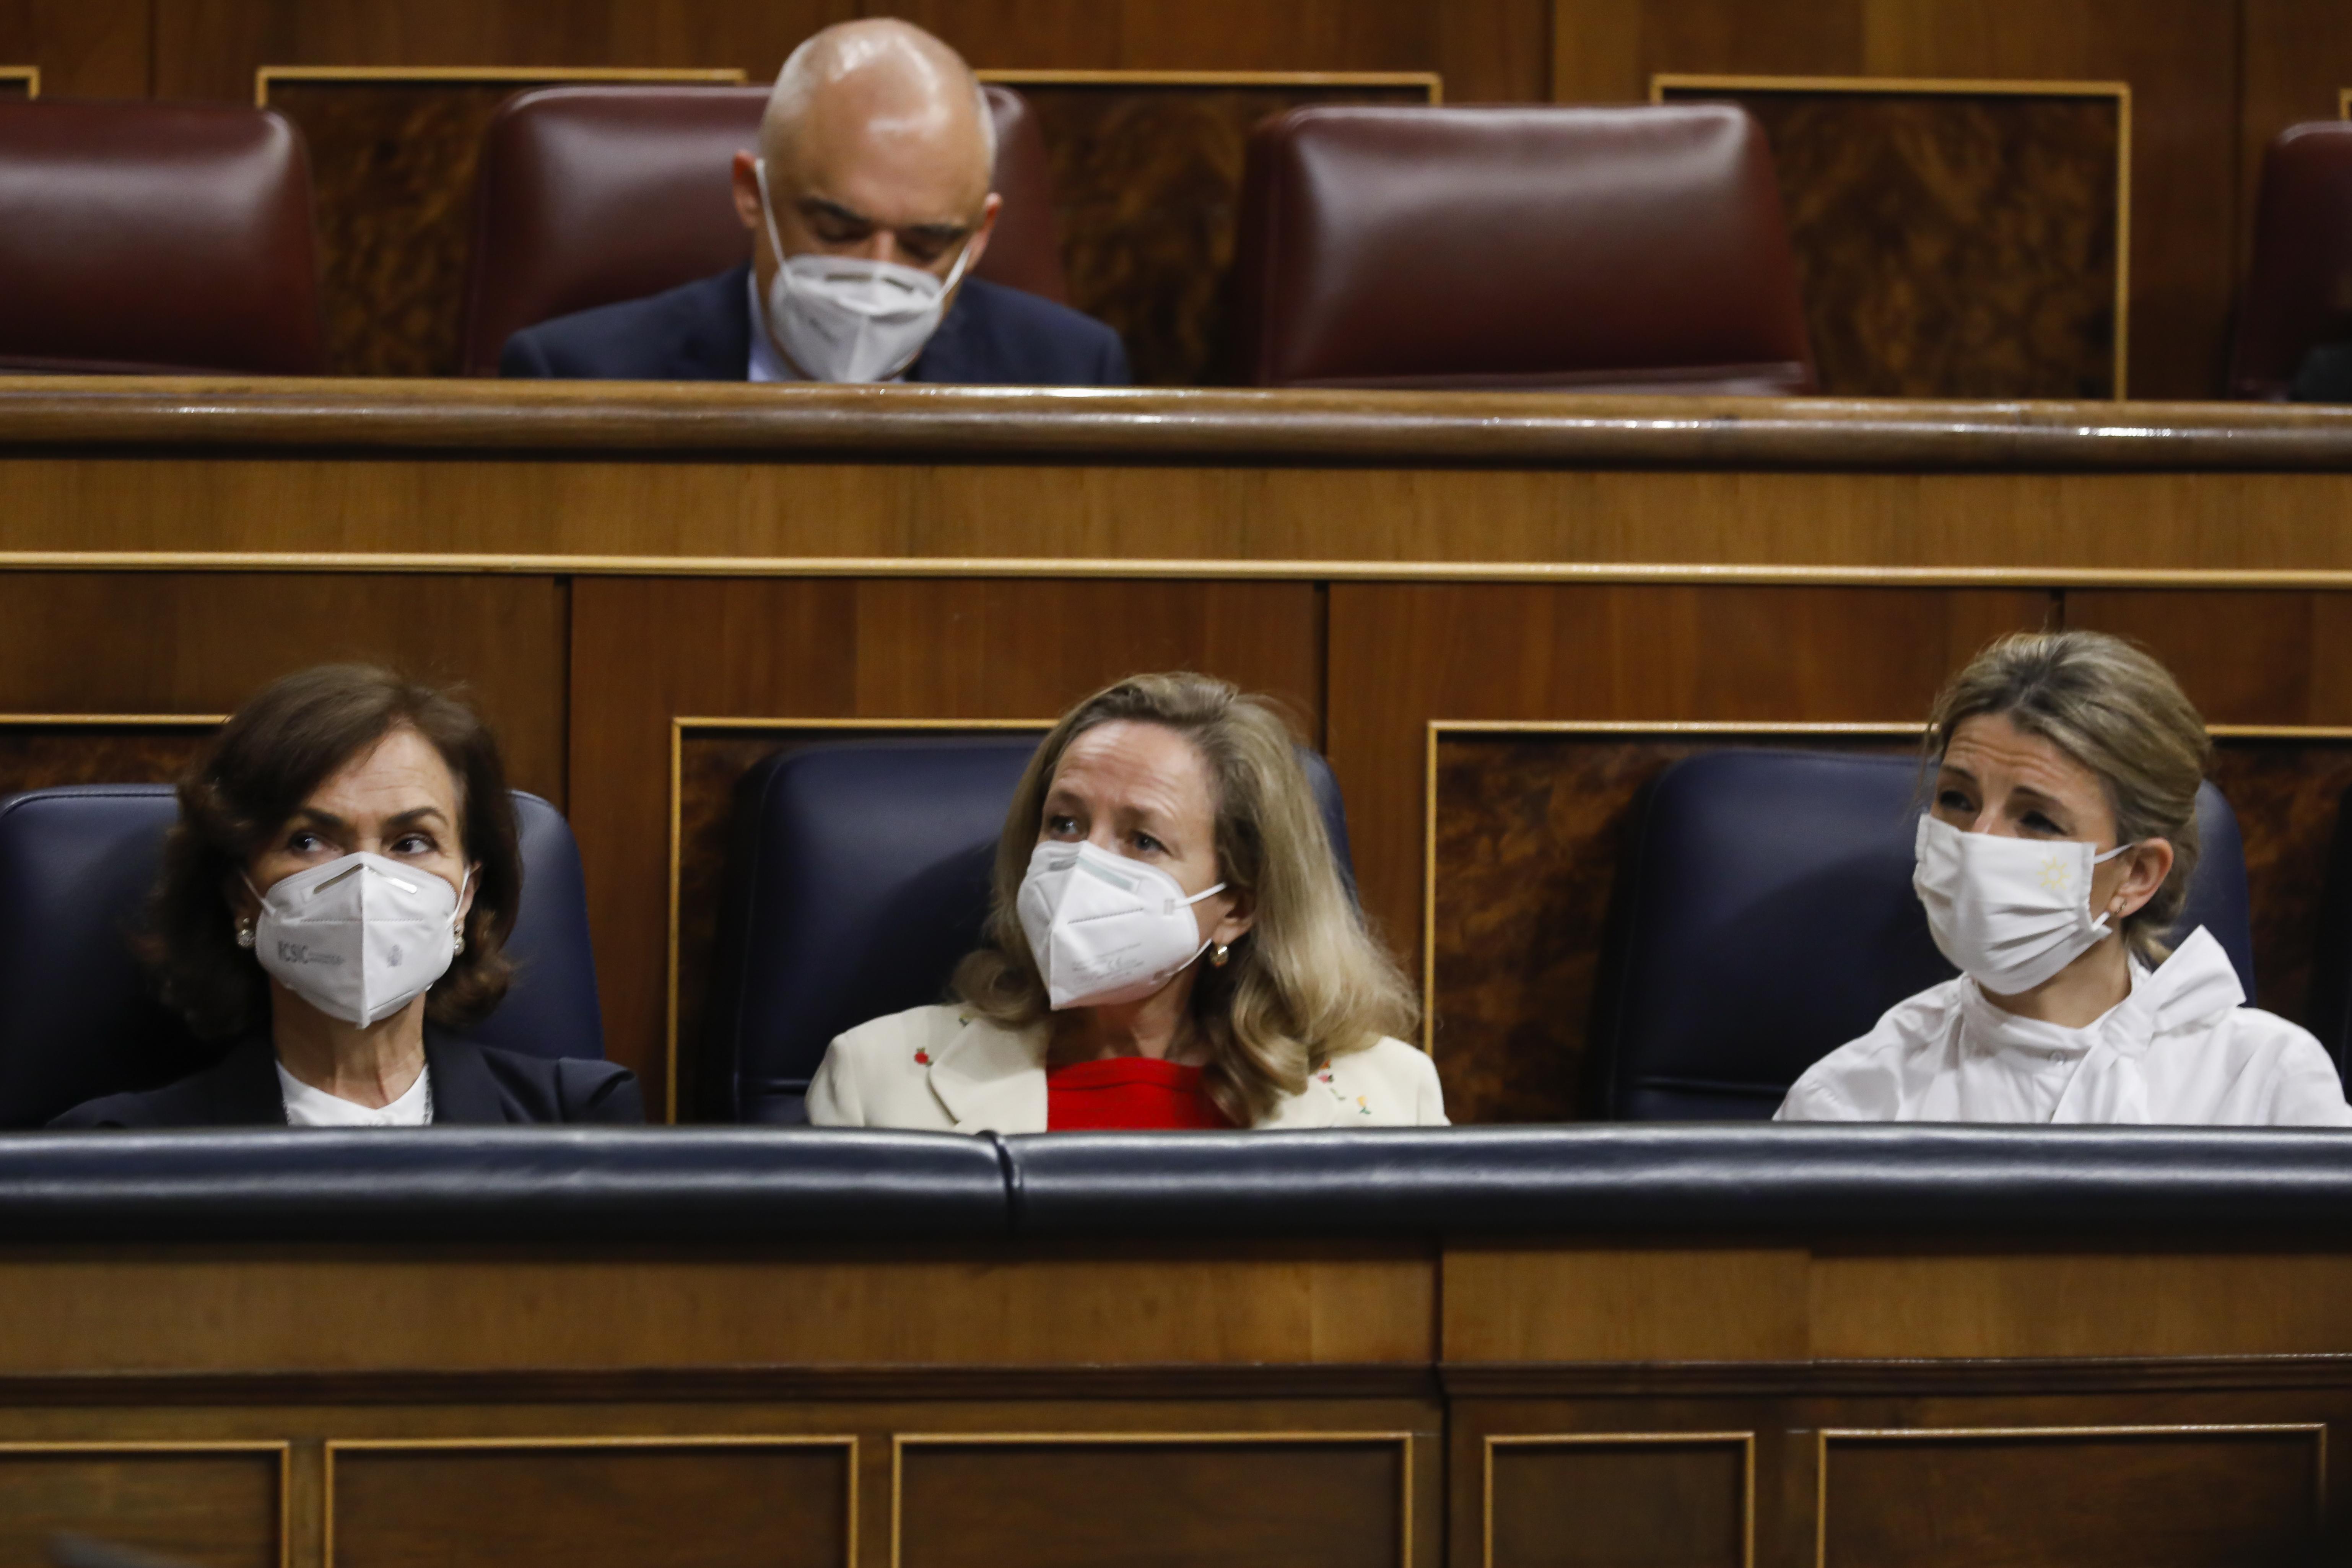 a vicepresidenta Carmen Calvo, la ministra de Economía, Nadia  Calviño, y la ministra de Trabajo, Yolanda Díaz.